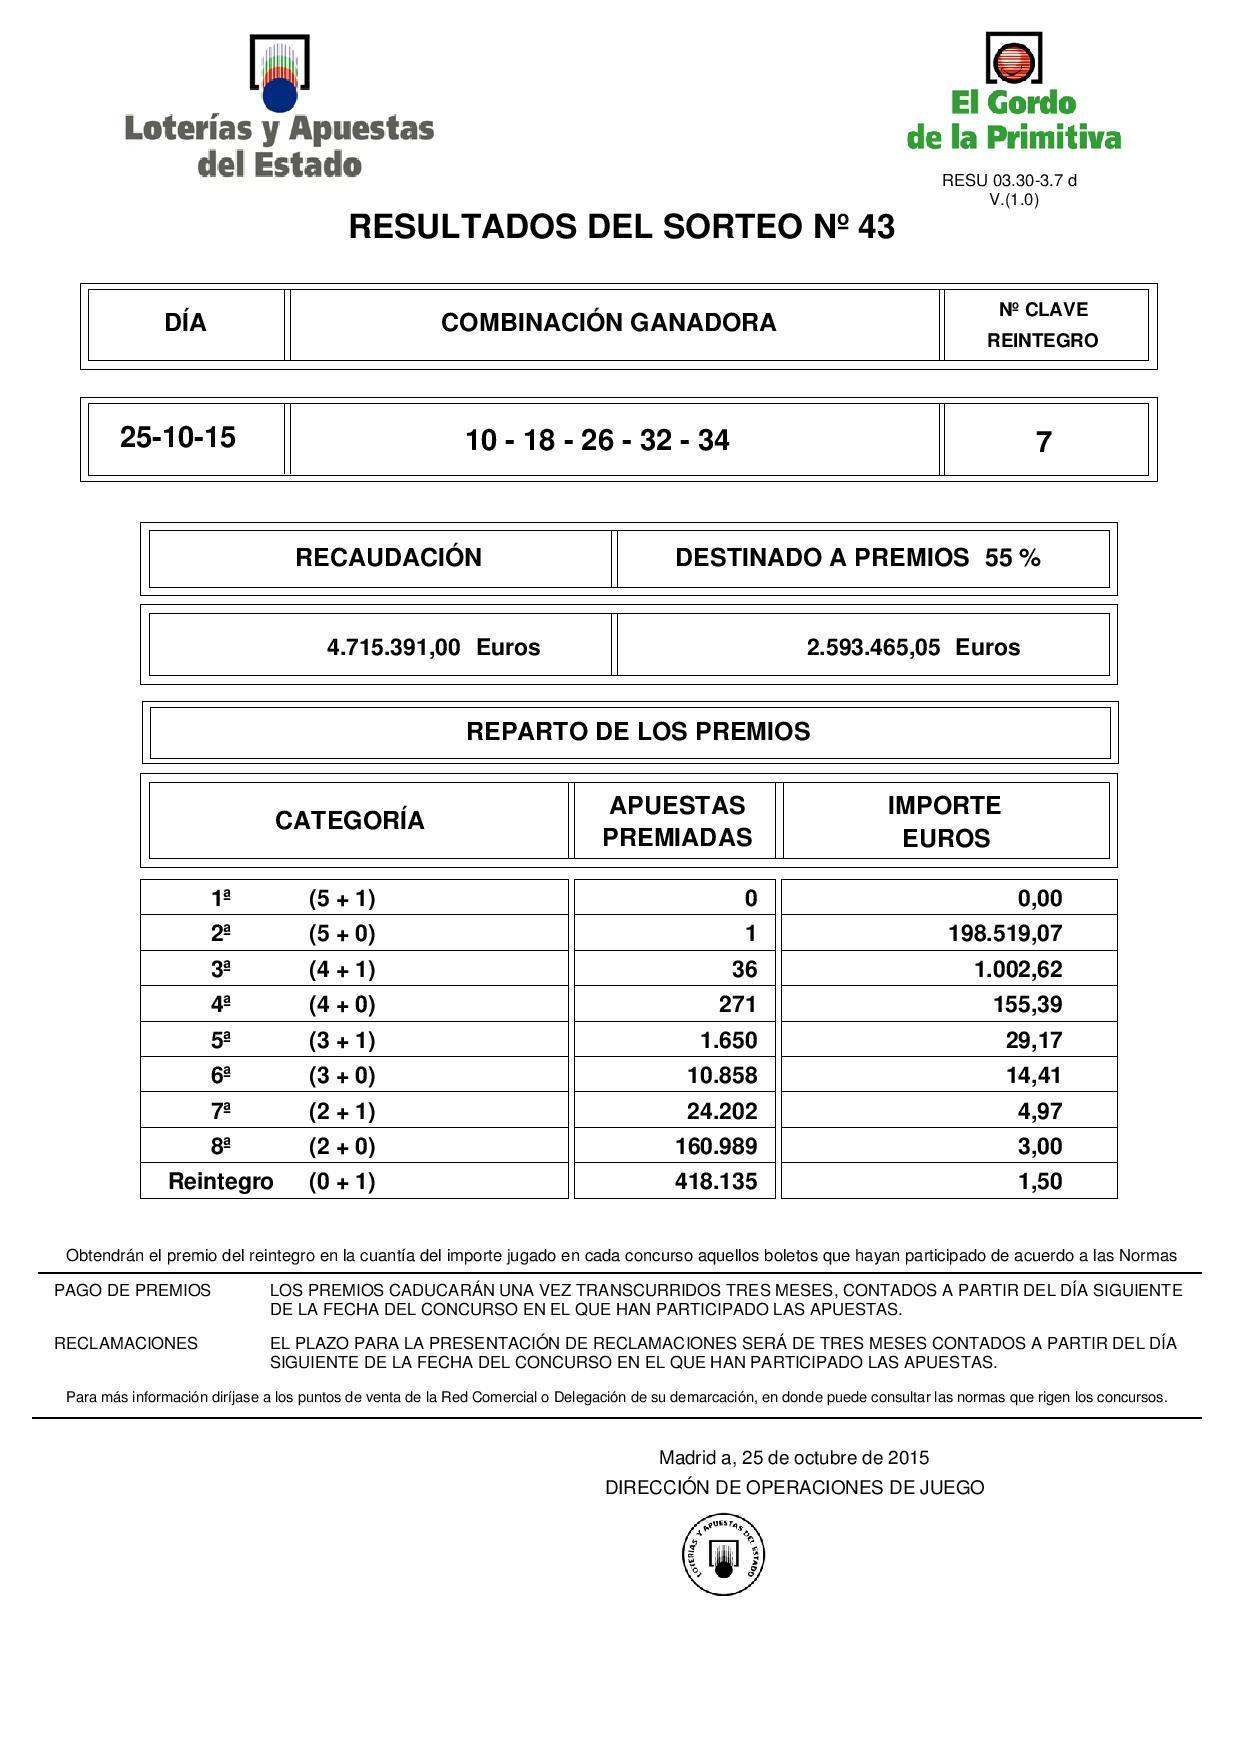 Juego Limpio premios por terminacion loteria nacional-497003